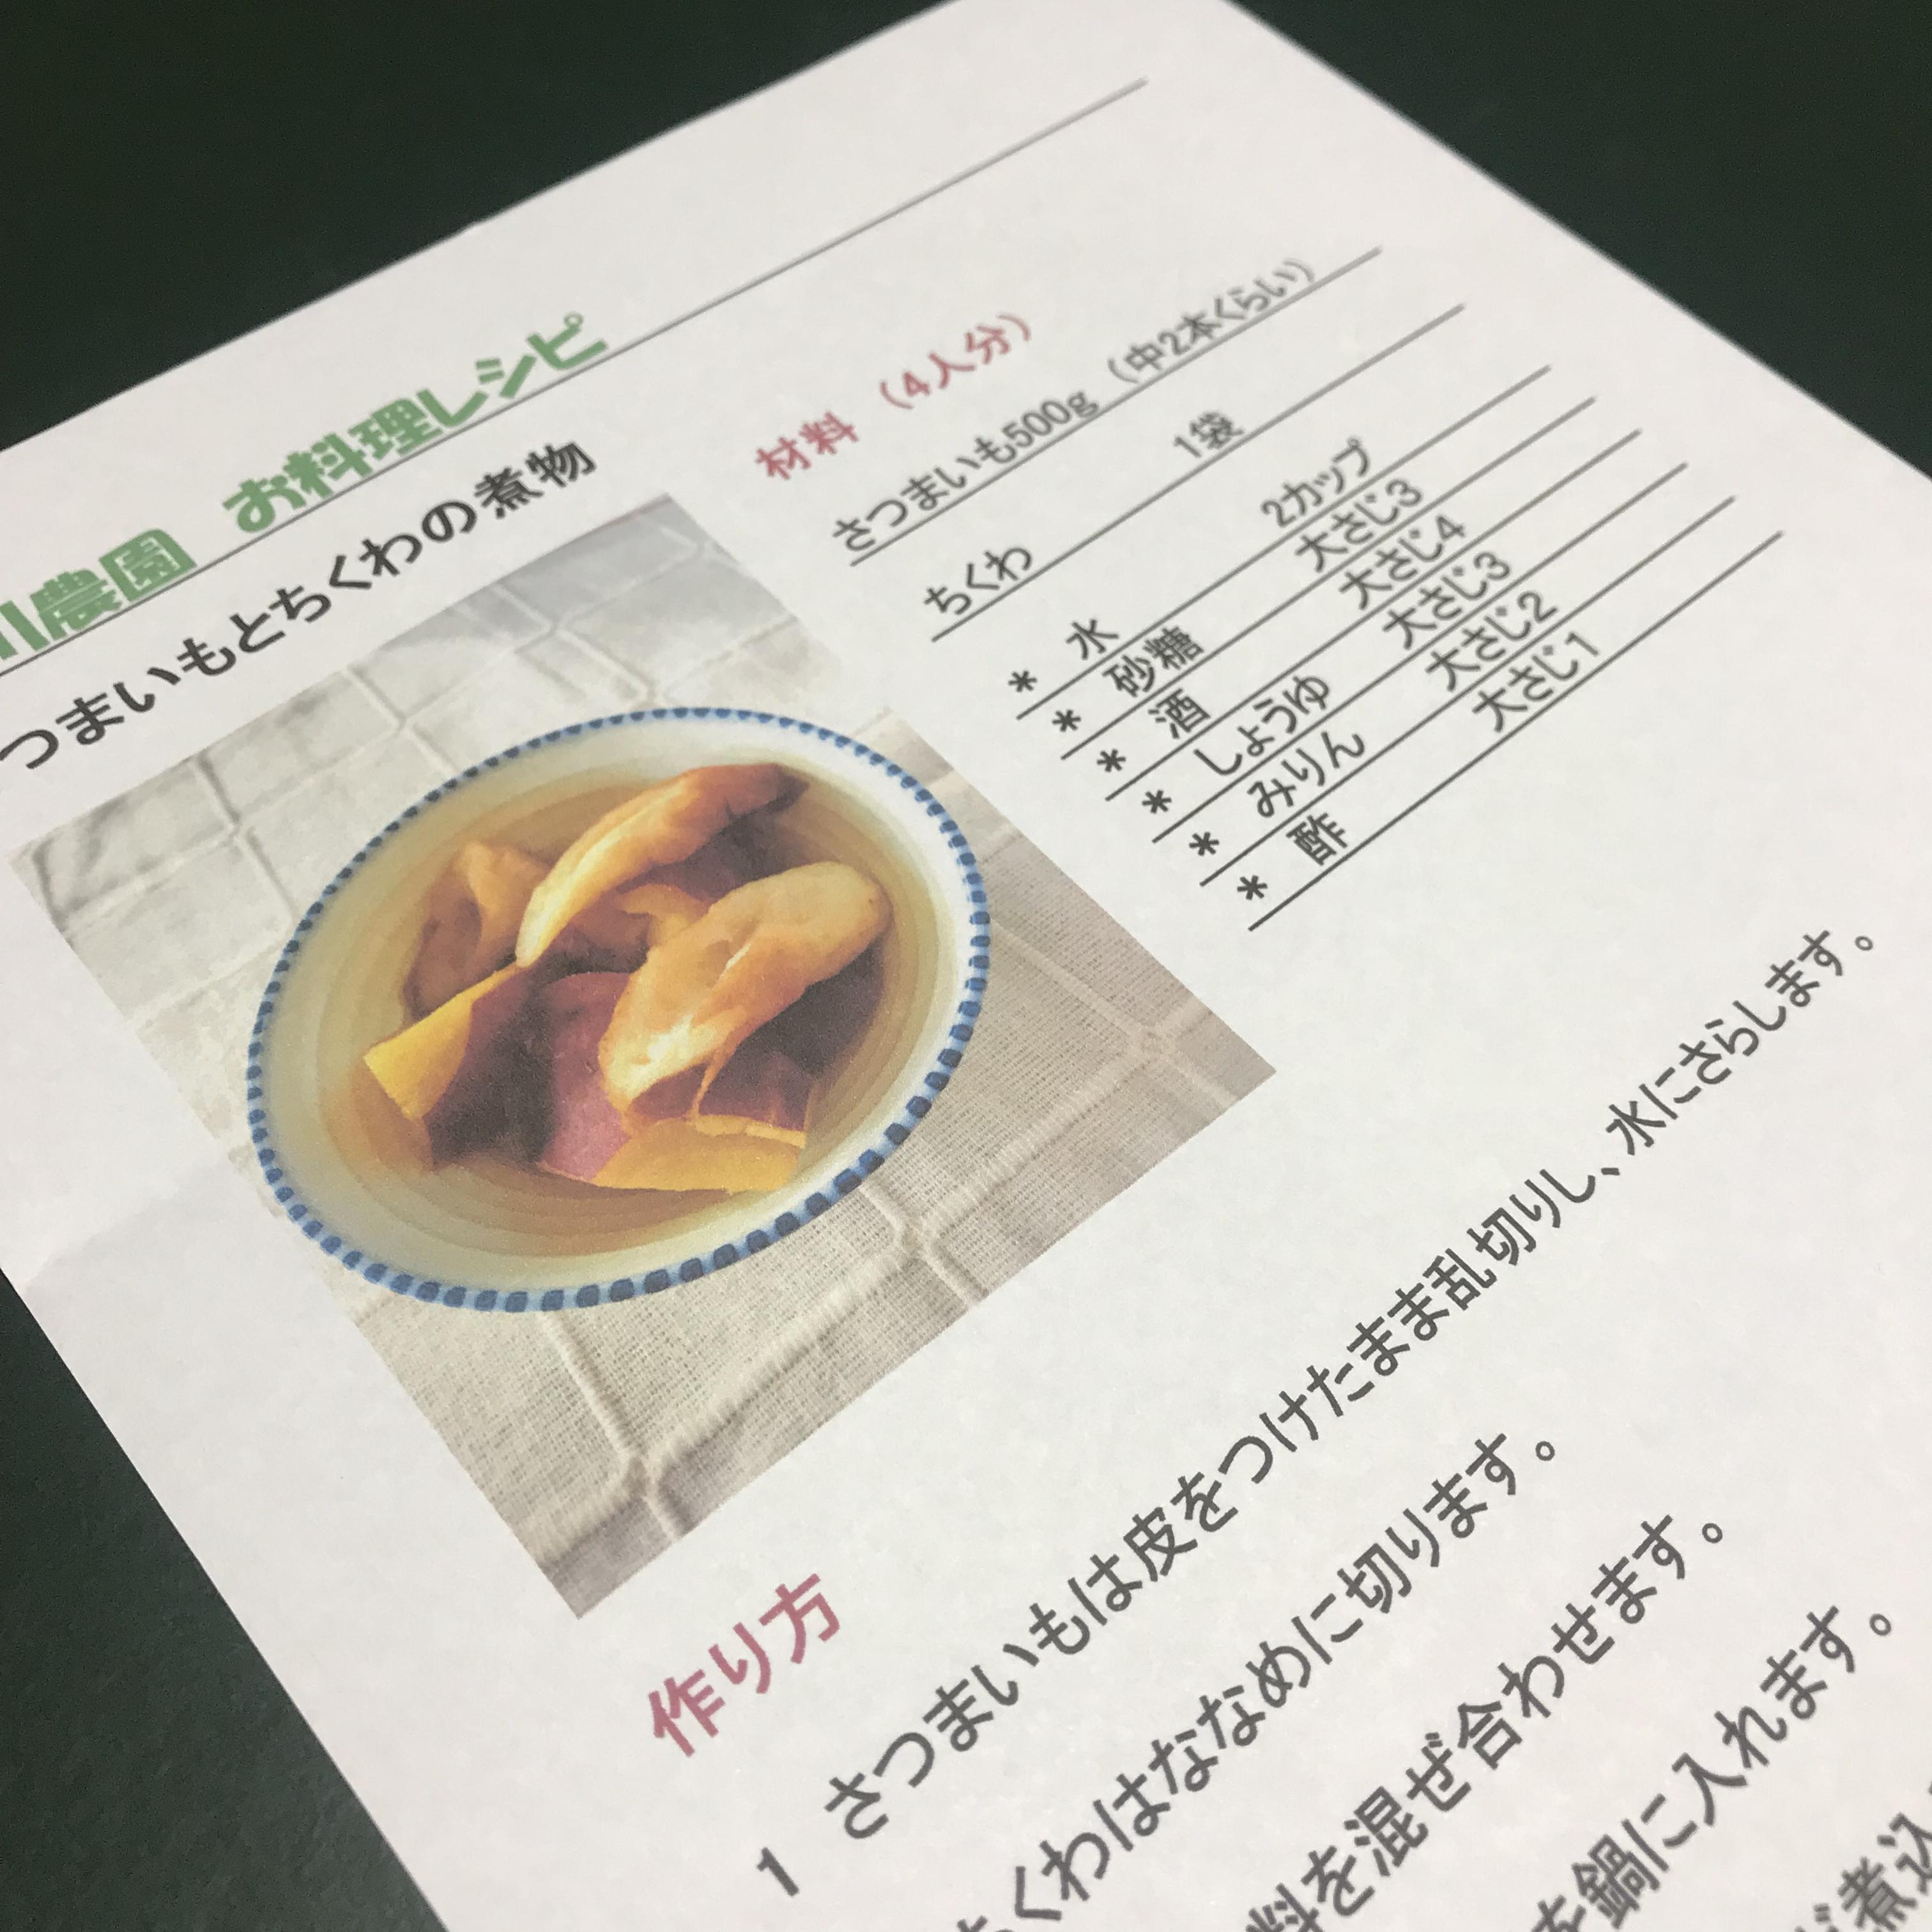 レシピ公開 簡単!さつまいもとちくわの煮物 よろしければダウンロードして使ってください